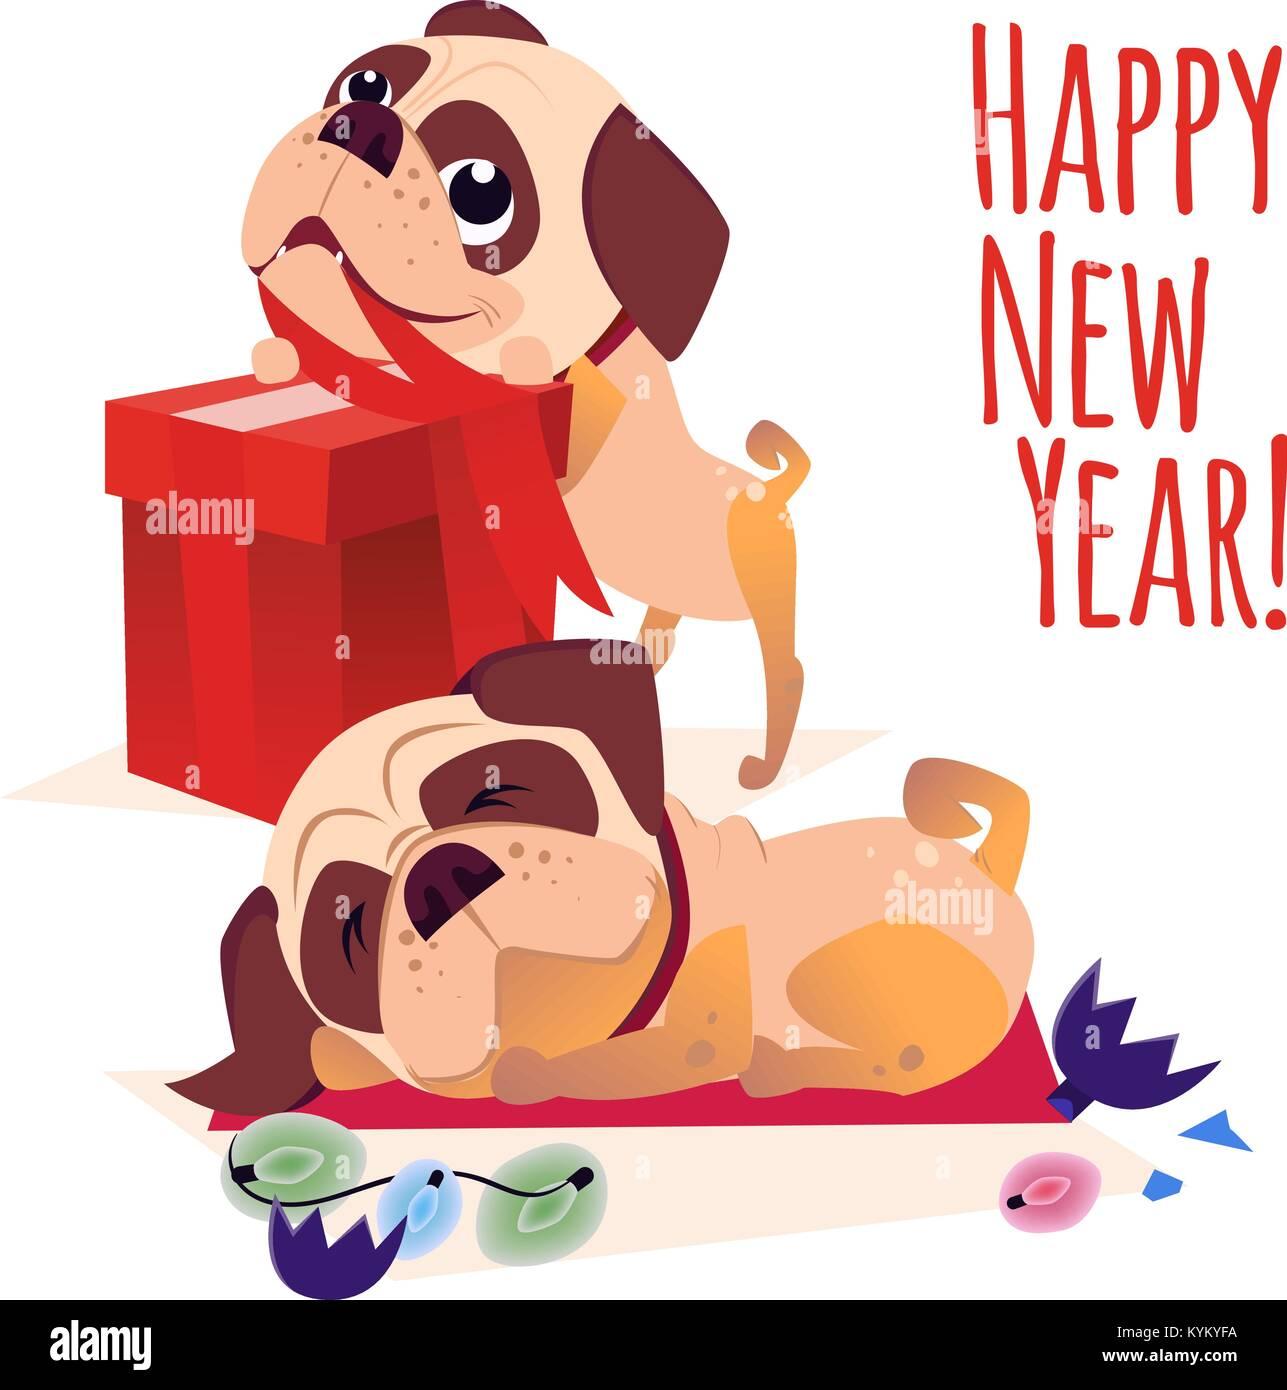 Joyeux Noel Carte Postale Bonne Annee Banniere Avec Chien Chien De